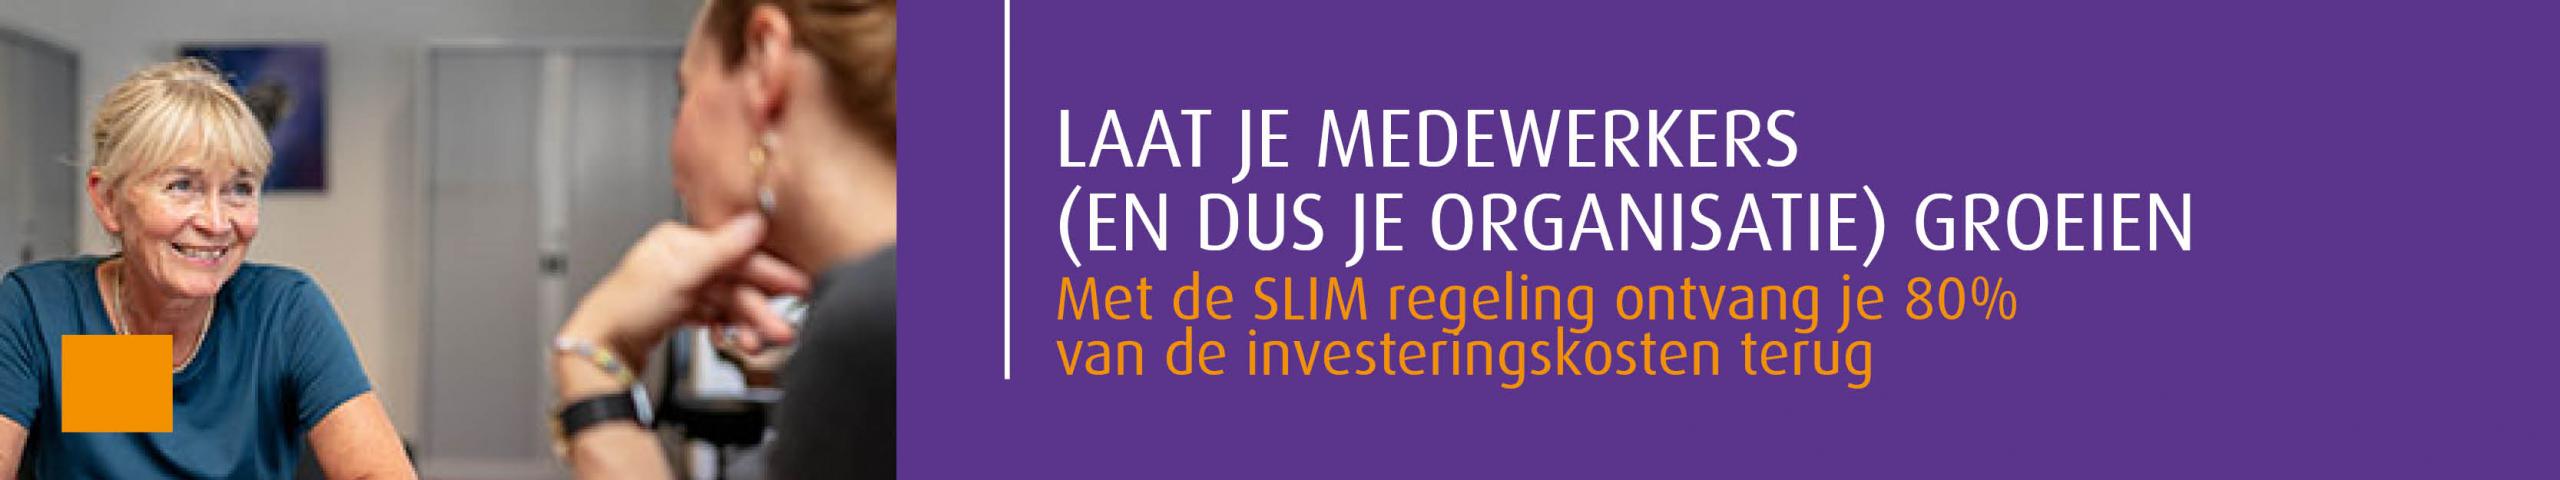 SLIM regeling - subsidie Avantiro